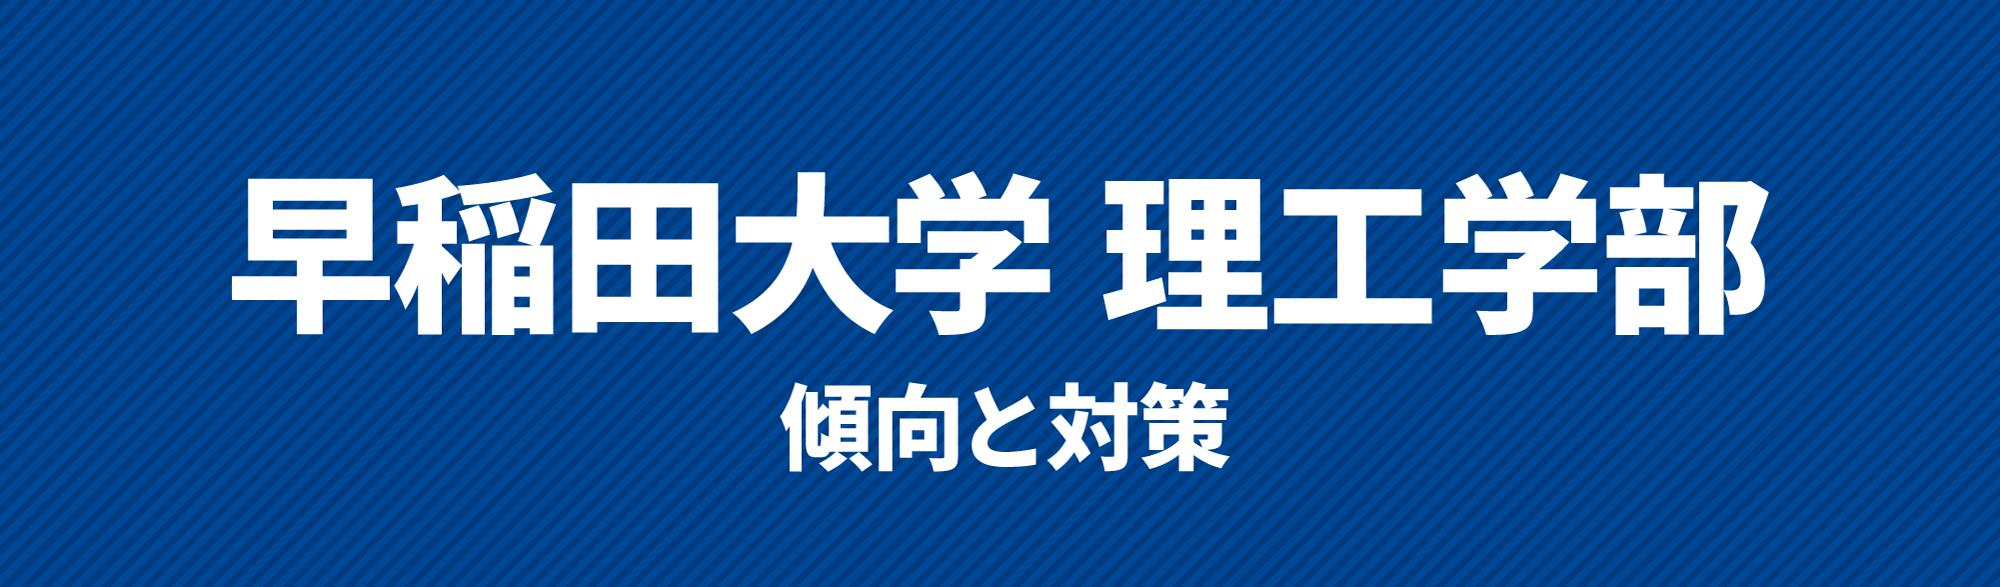 早稲田大学理工学部傾向と対策